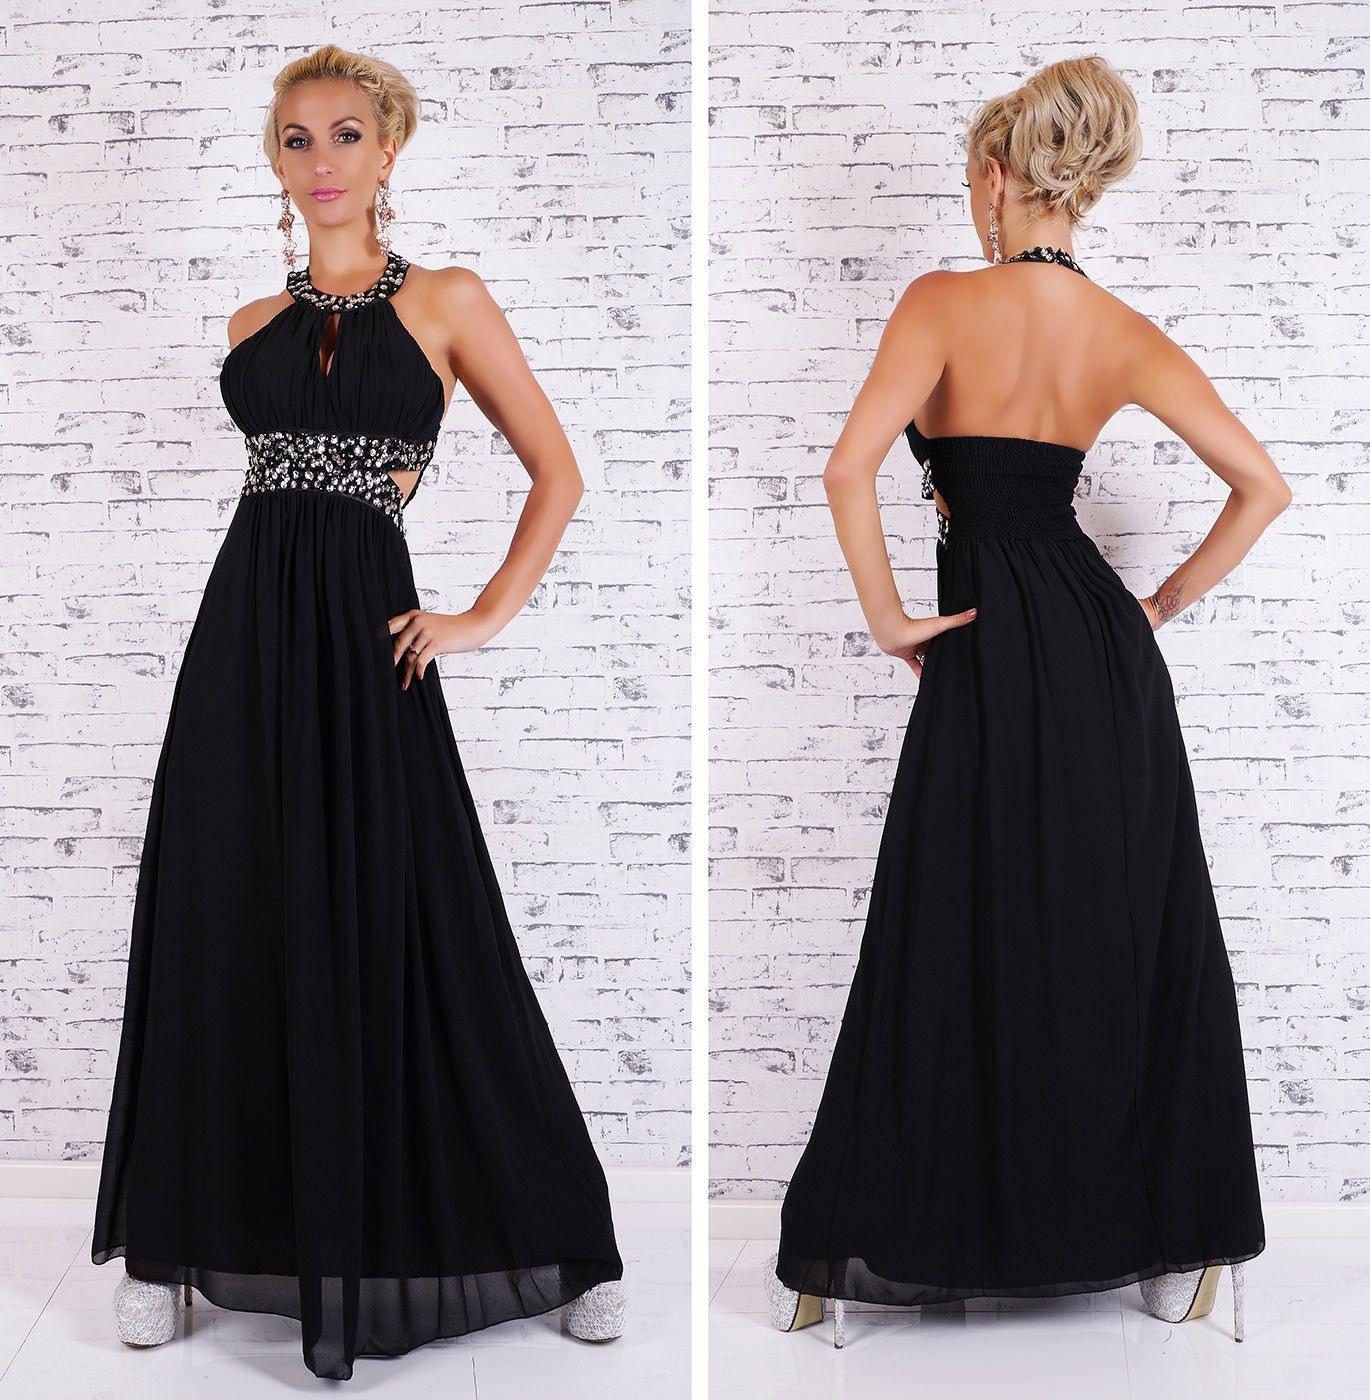 17 Schön Abendkleid Ebay Boutique10 Großartig Abendkleid Ebay für 2019